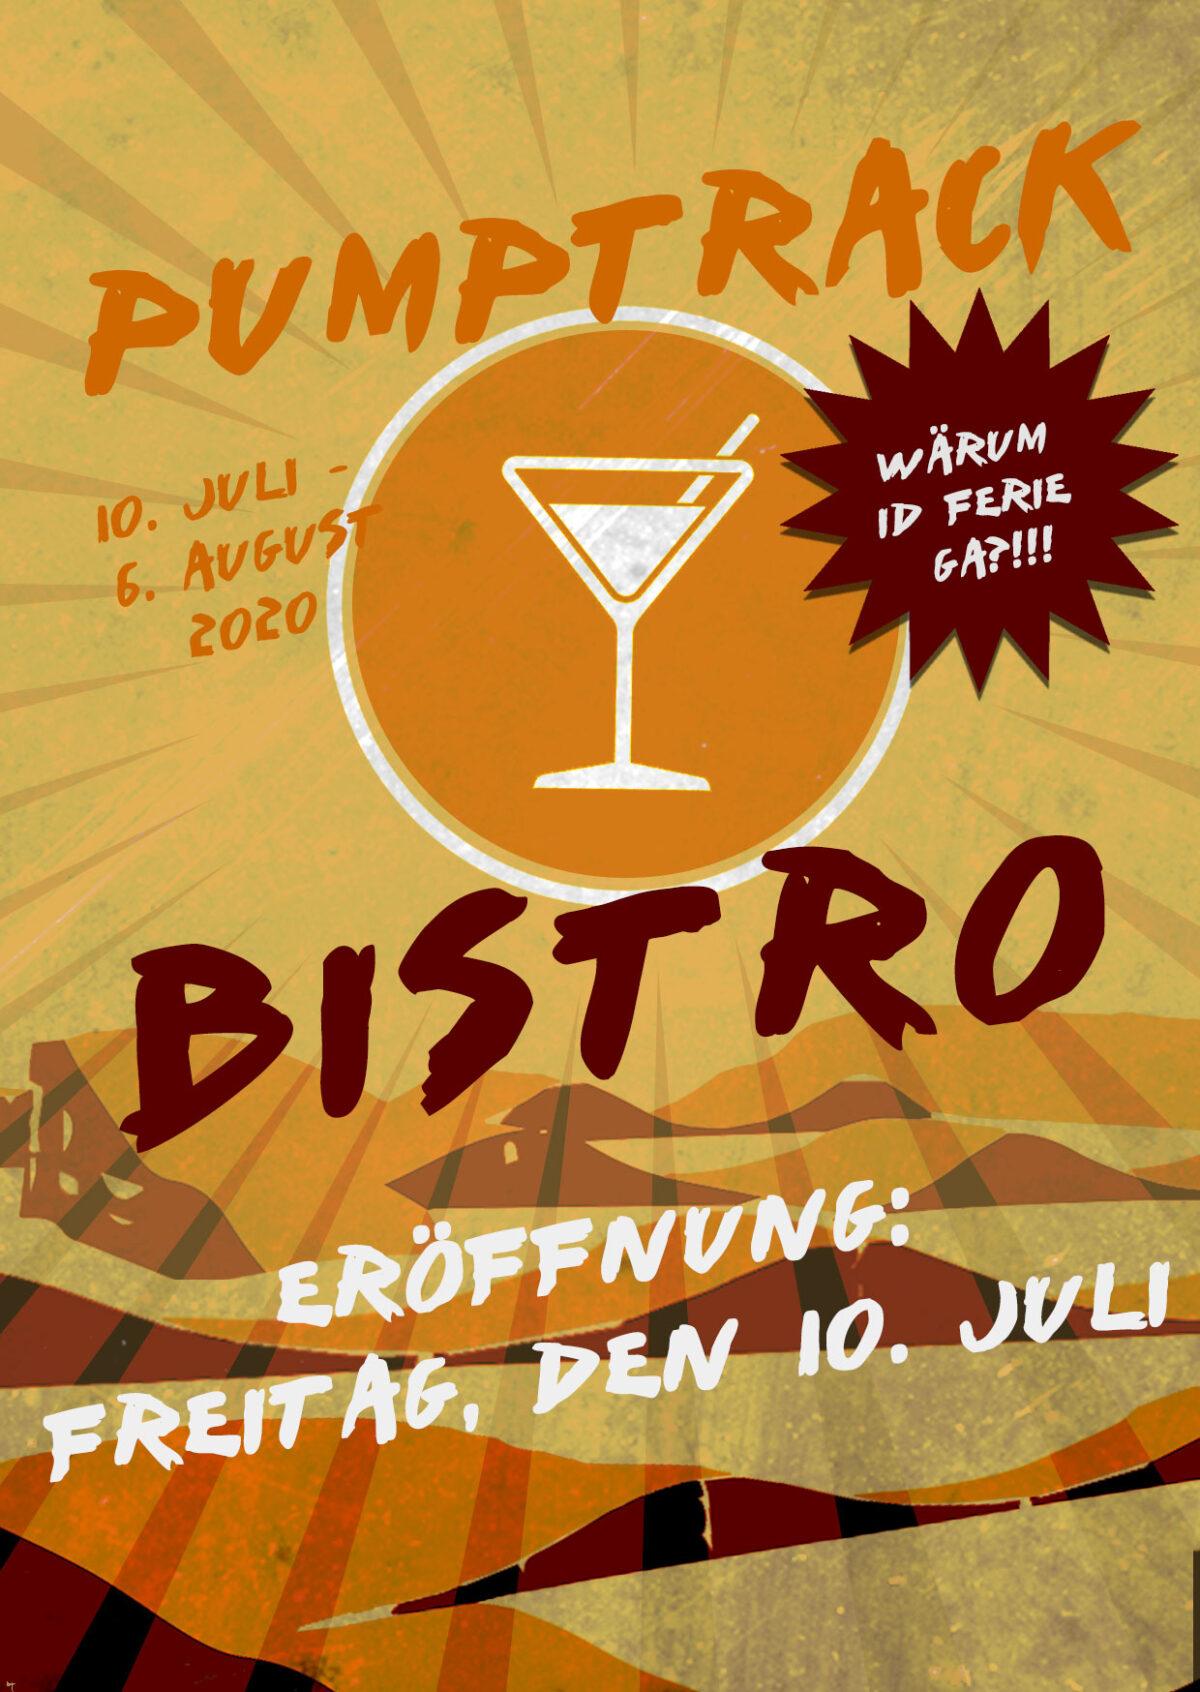 Pumptrack Bistro 2020